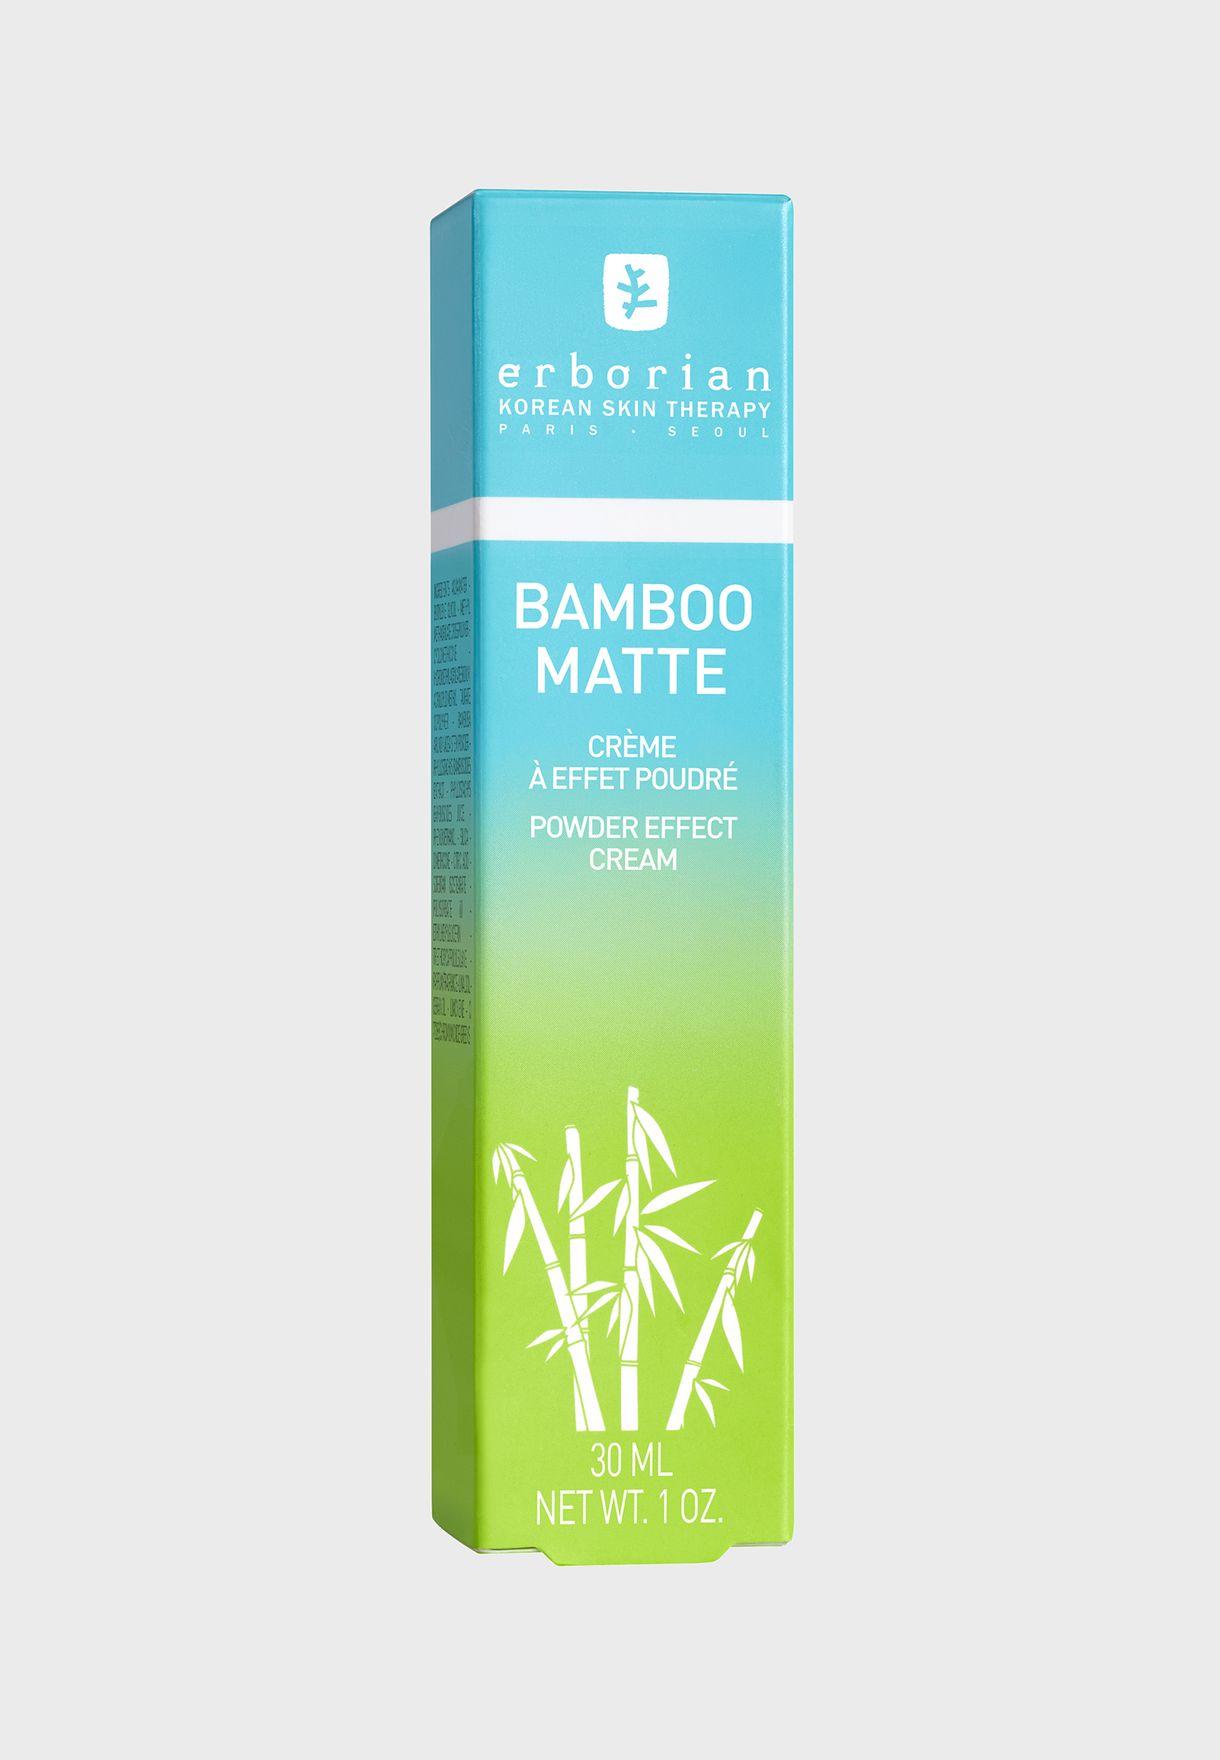 Bamboo Matte Cream 30ml